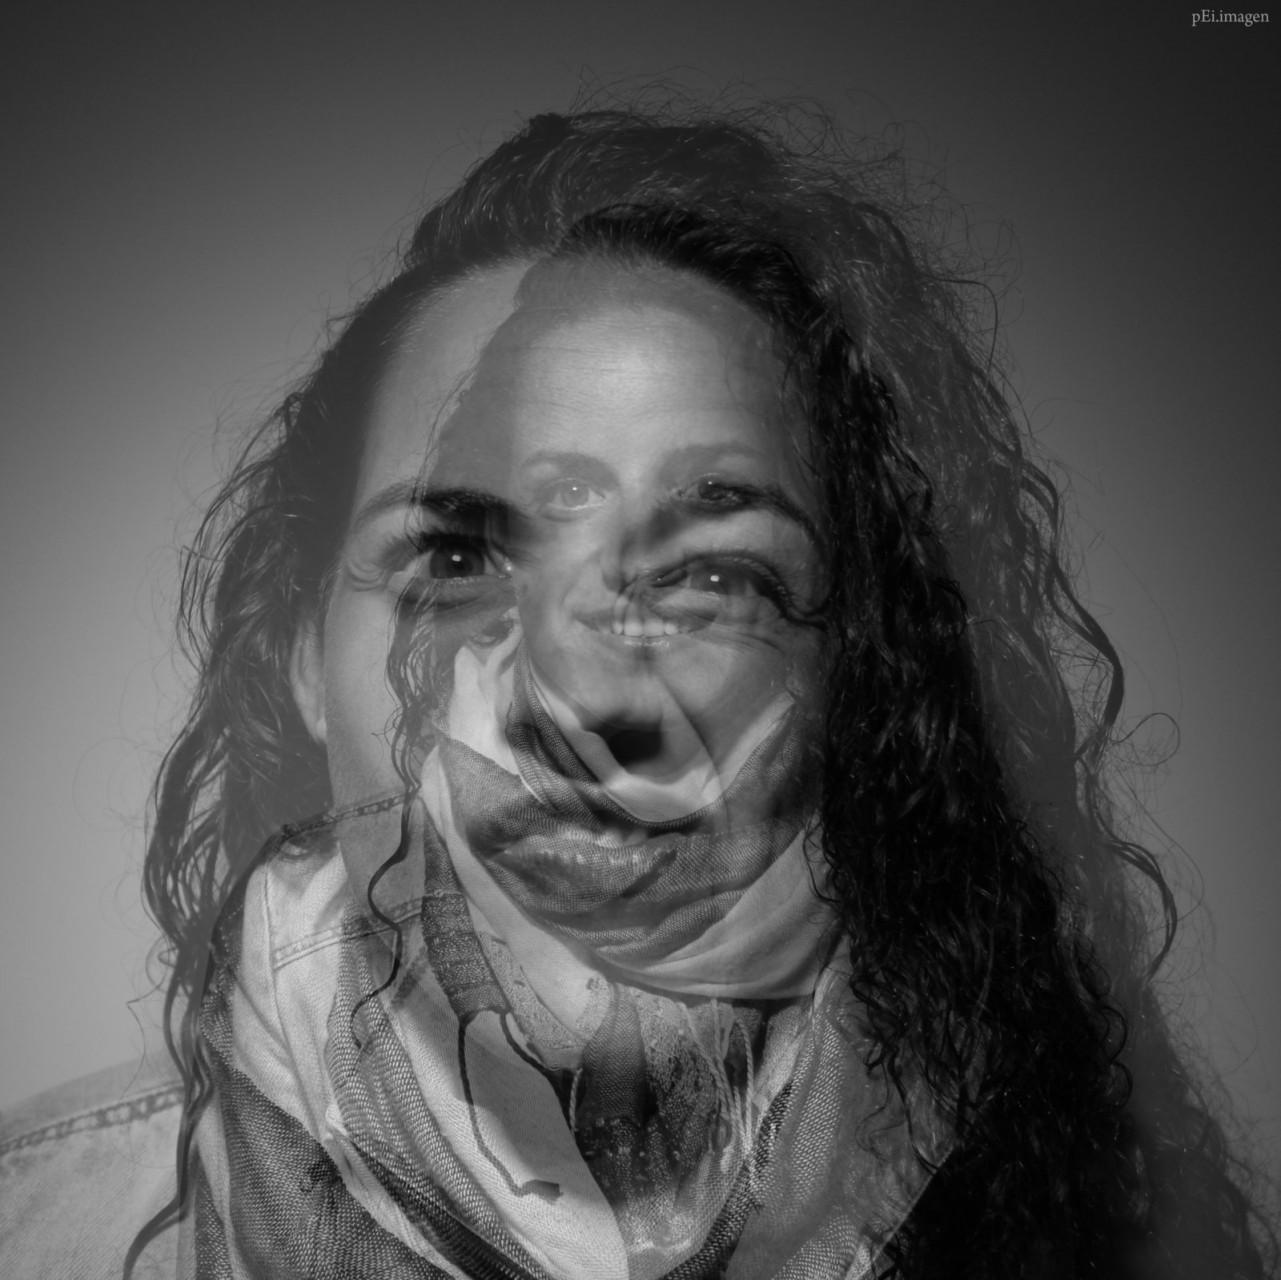 peipegata me myself I proyectos fotografia peipegatafotografia # 050 Maria Perez Cepeda